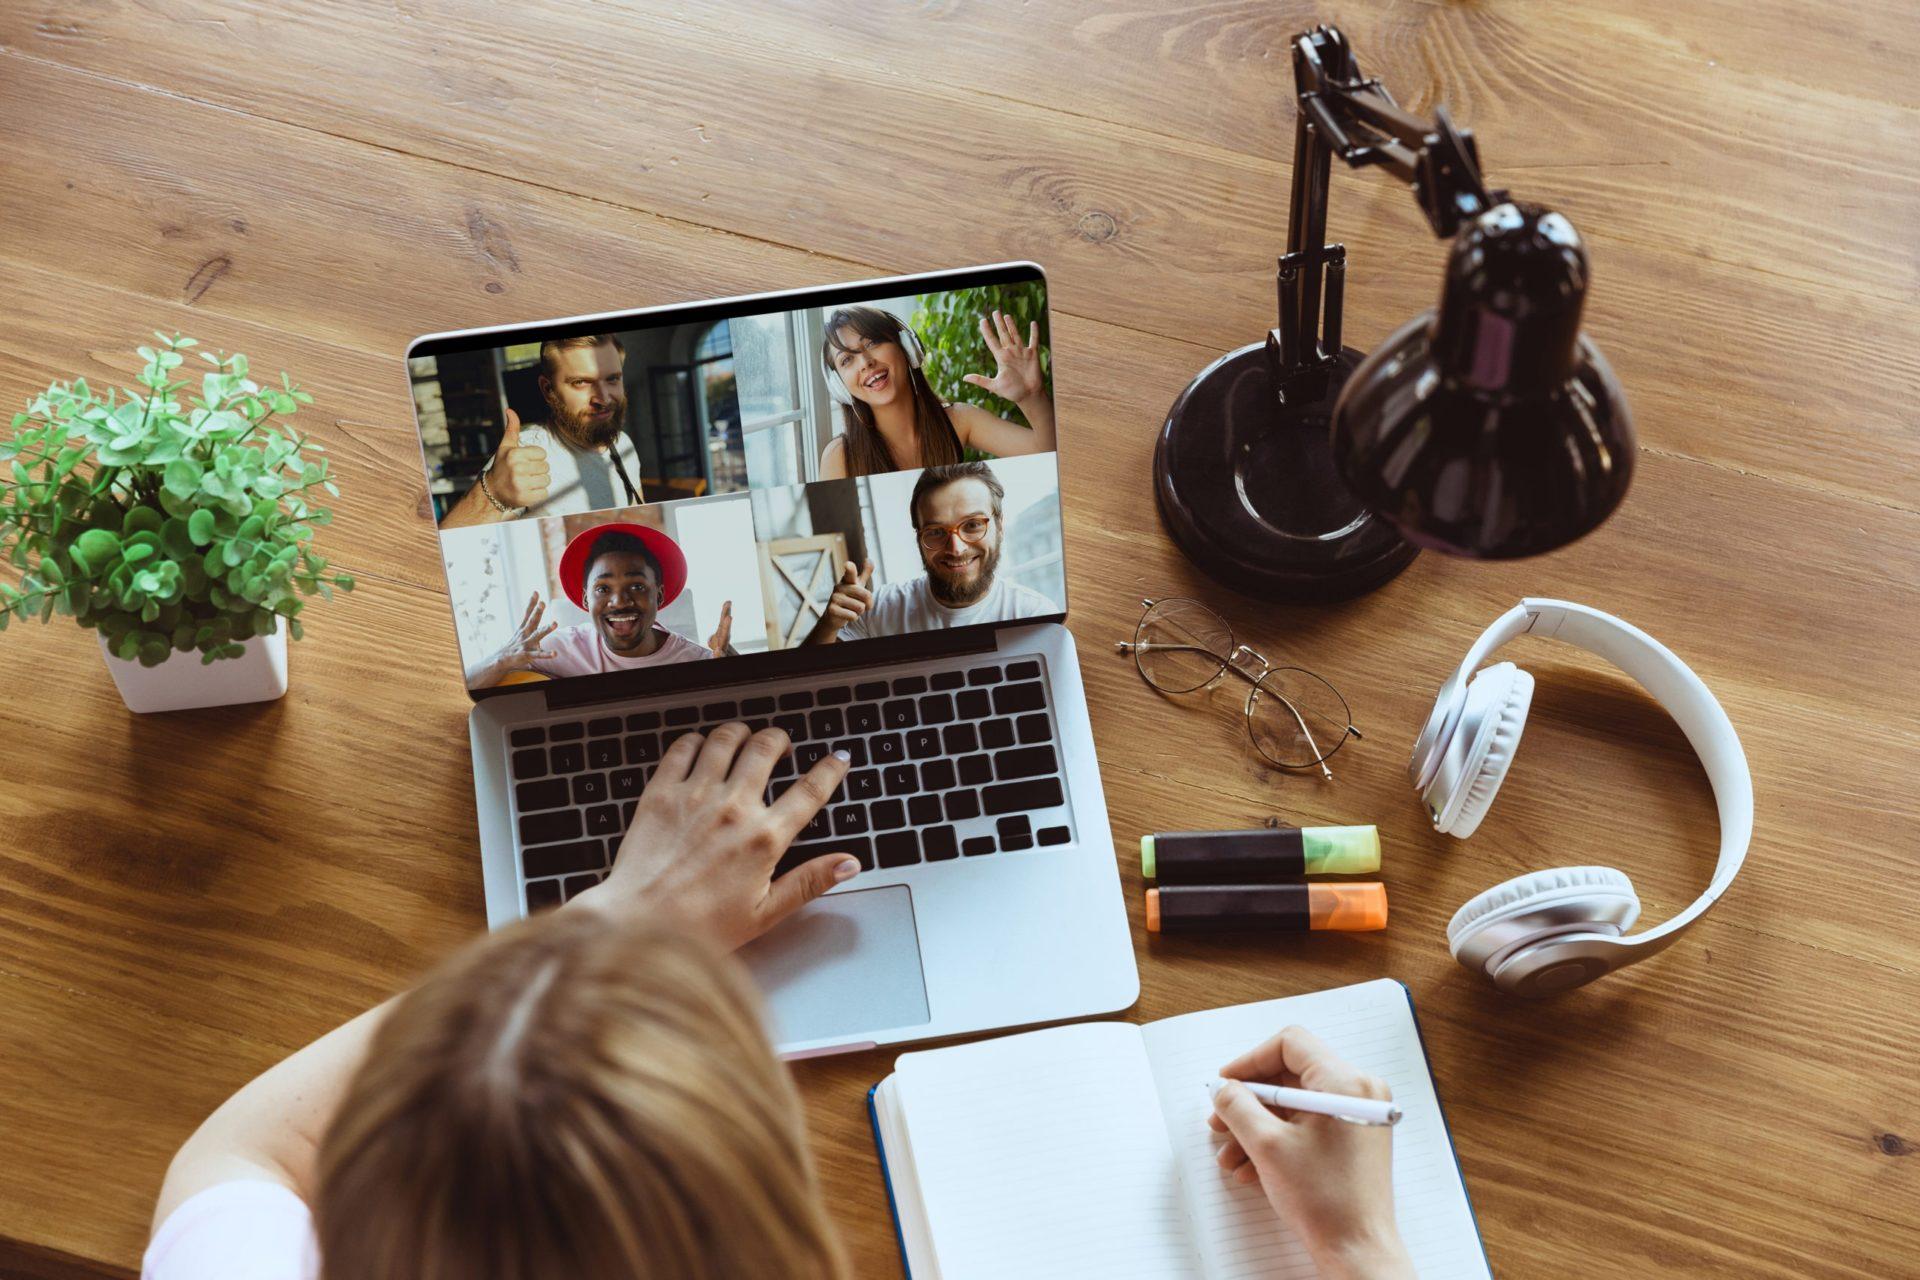 Télétravail : Instaurez une routine pour une productivité maximale